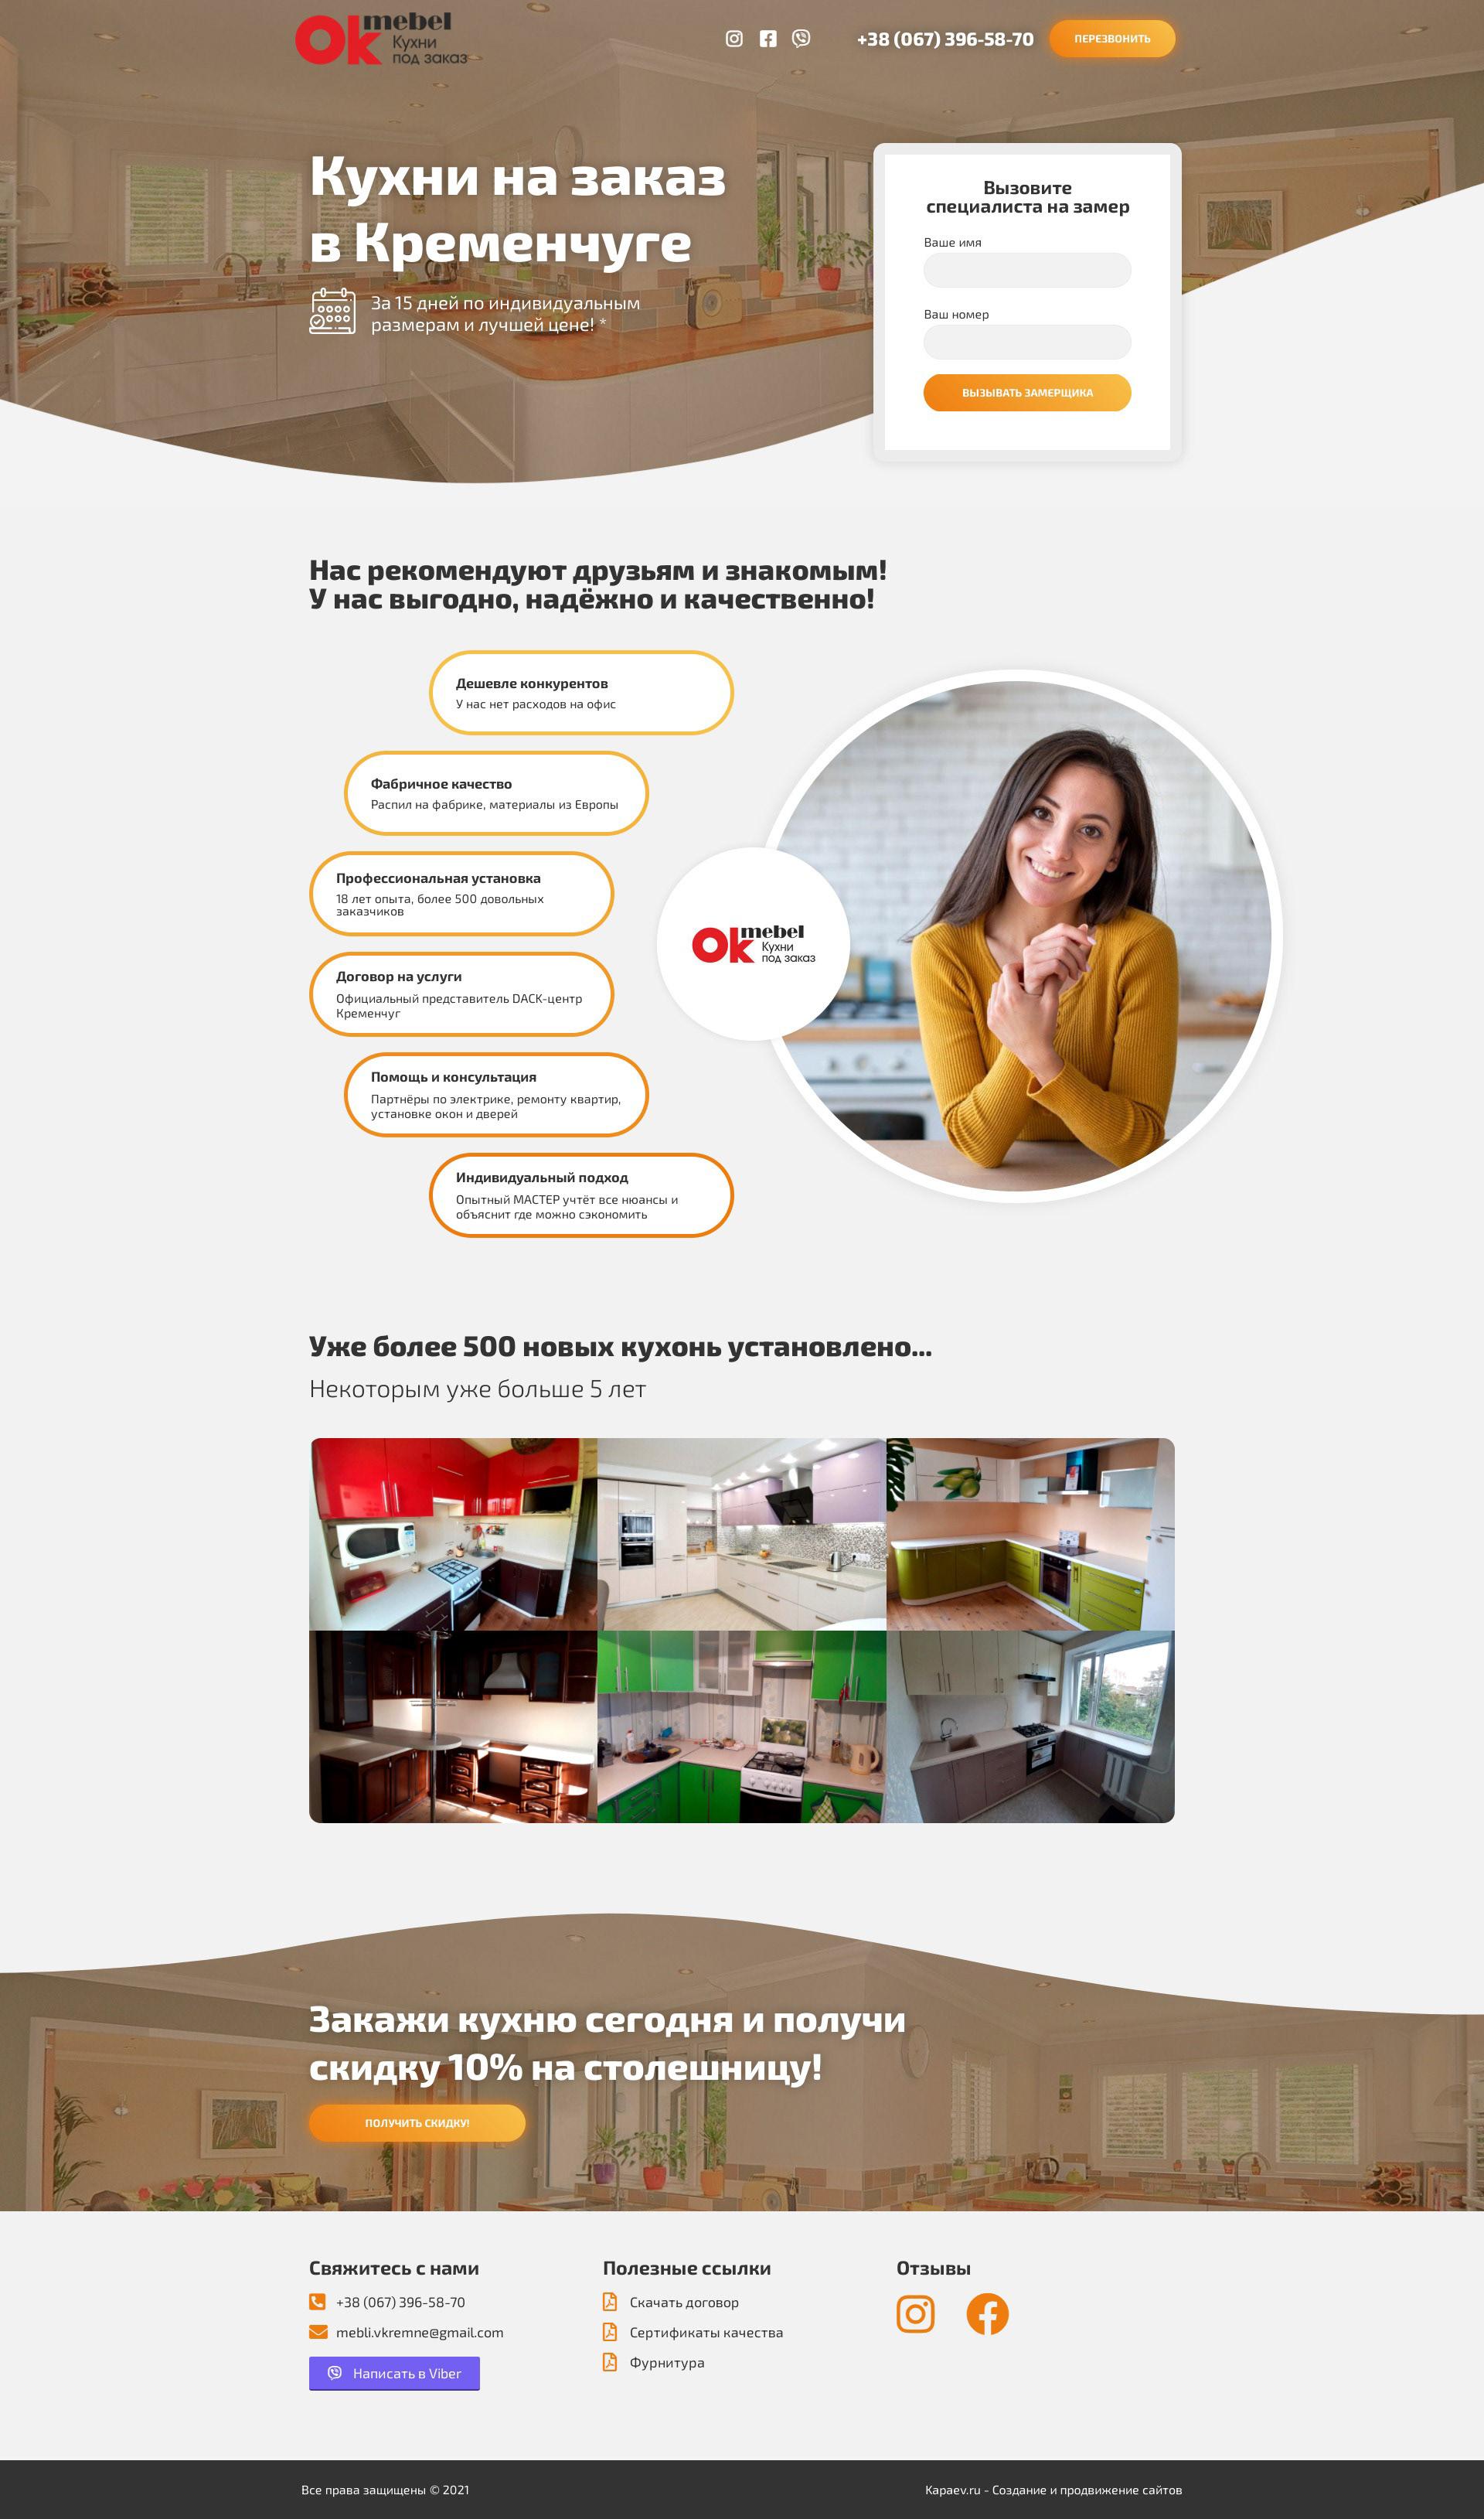 Кейс: Создание мультилендинга для производства мебели на заказ